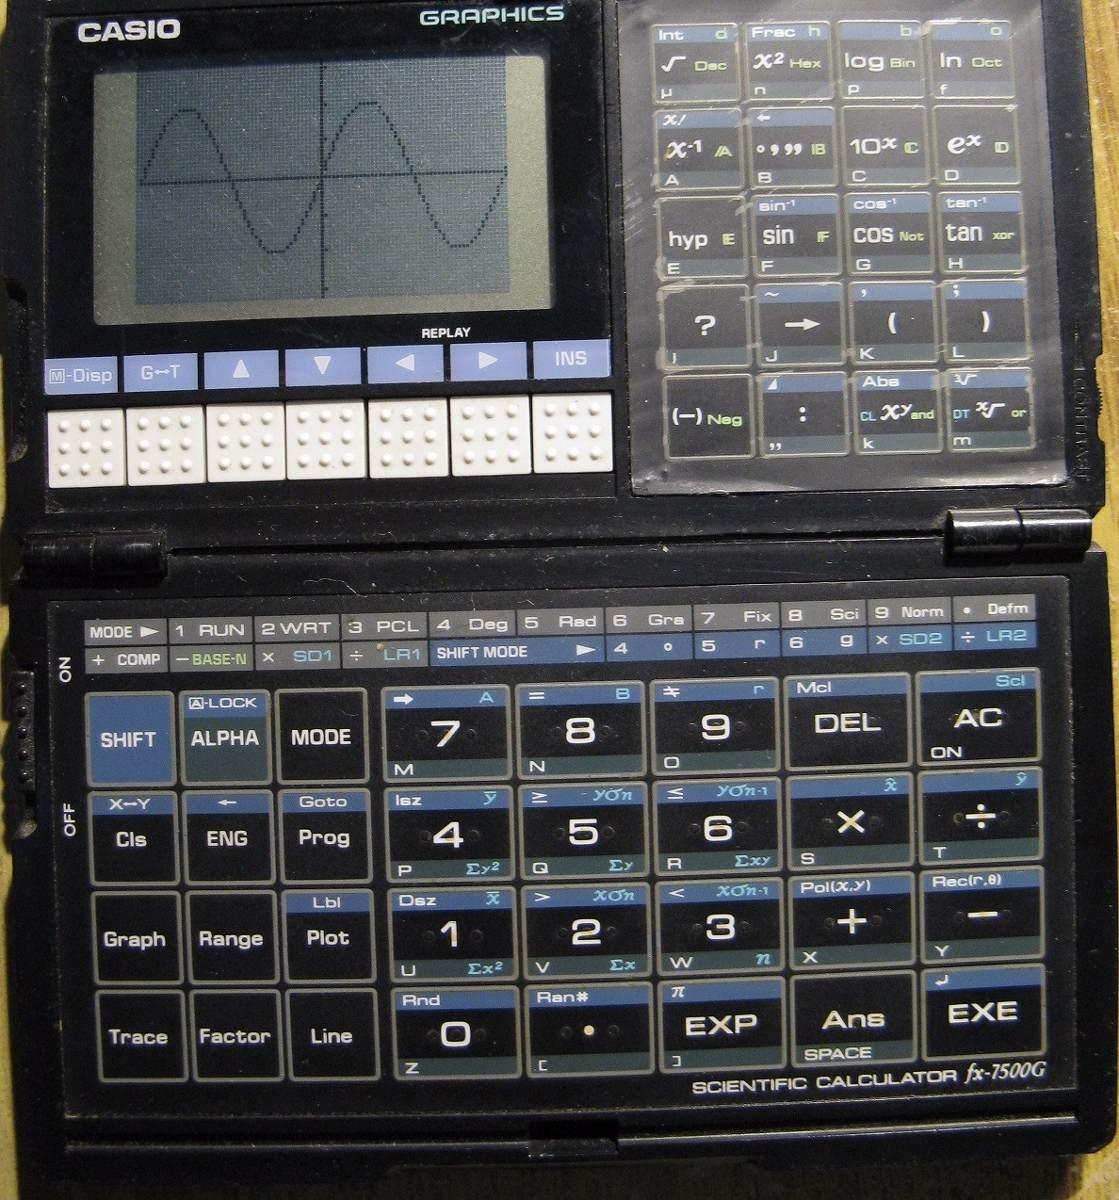 ff6a28323b51 Retro Calculadora Científica Casio Fx-7500g Impecable! -   3.200